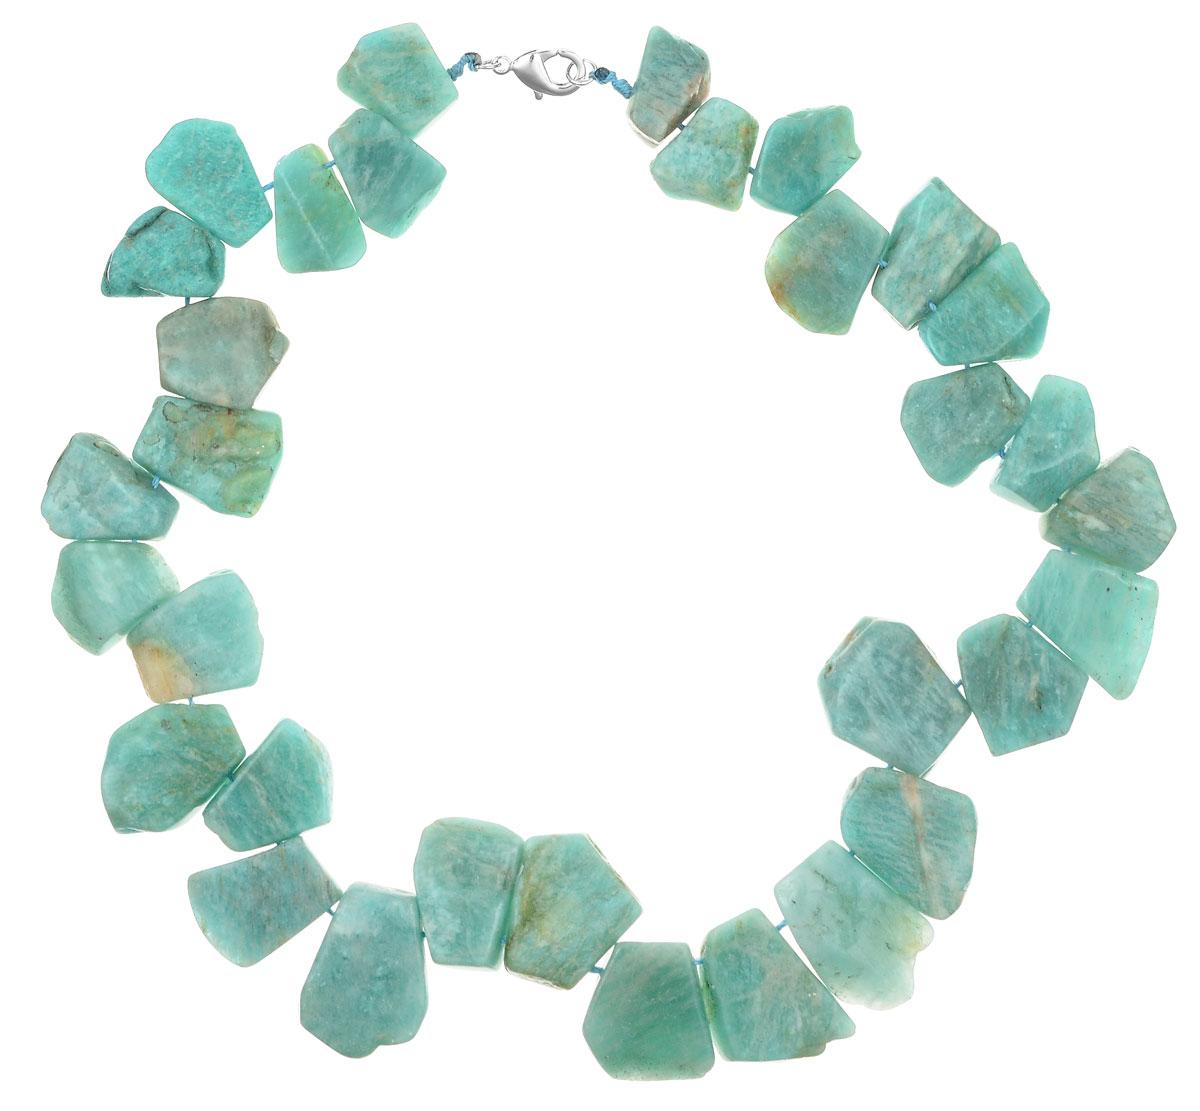 Ожерелье Migura, цвет: светло-зеленый. SU0047SU0047Необычное ожерелье Migura изготовлено из керамического материала. Каждый элемент украшения удивляет своей неповторимой формой и оттенком. Изделие застегивается на застежку-карабин. Оригинальное ожерелье придаст вашему образу изюминку, подчеркнет красоту и изящество вечернего платья или преобразит повседневный наряд.